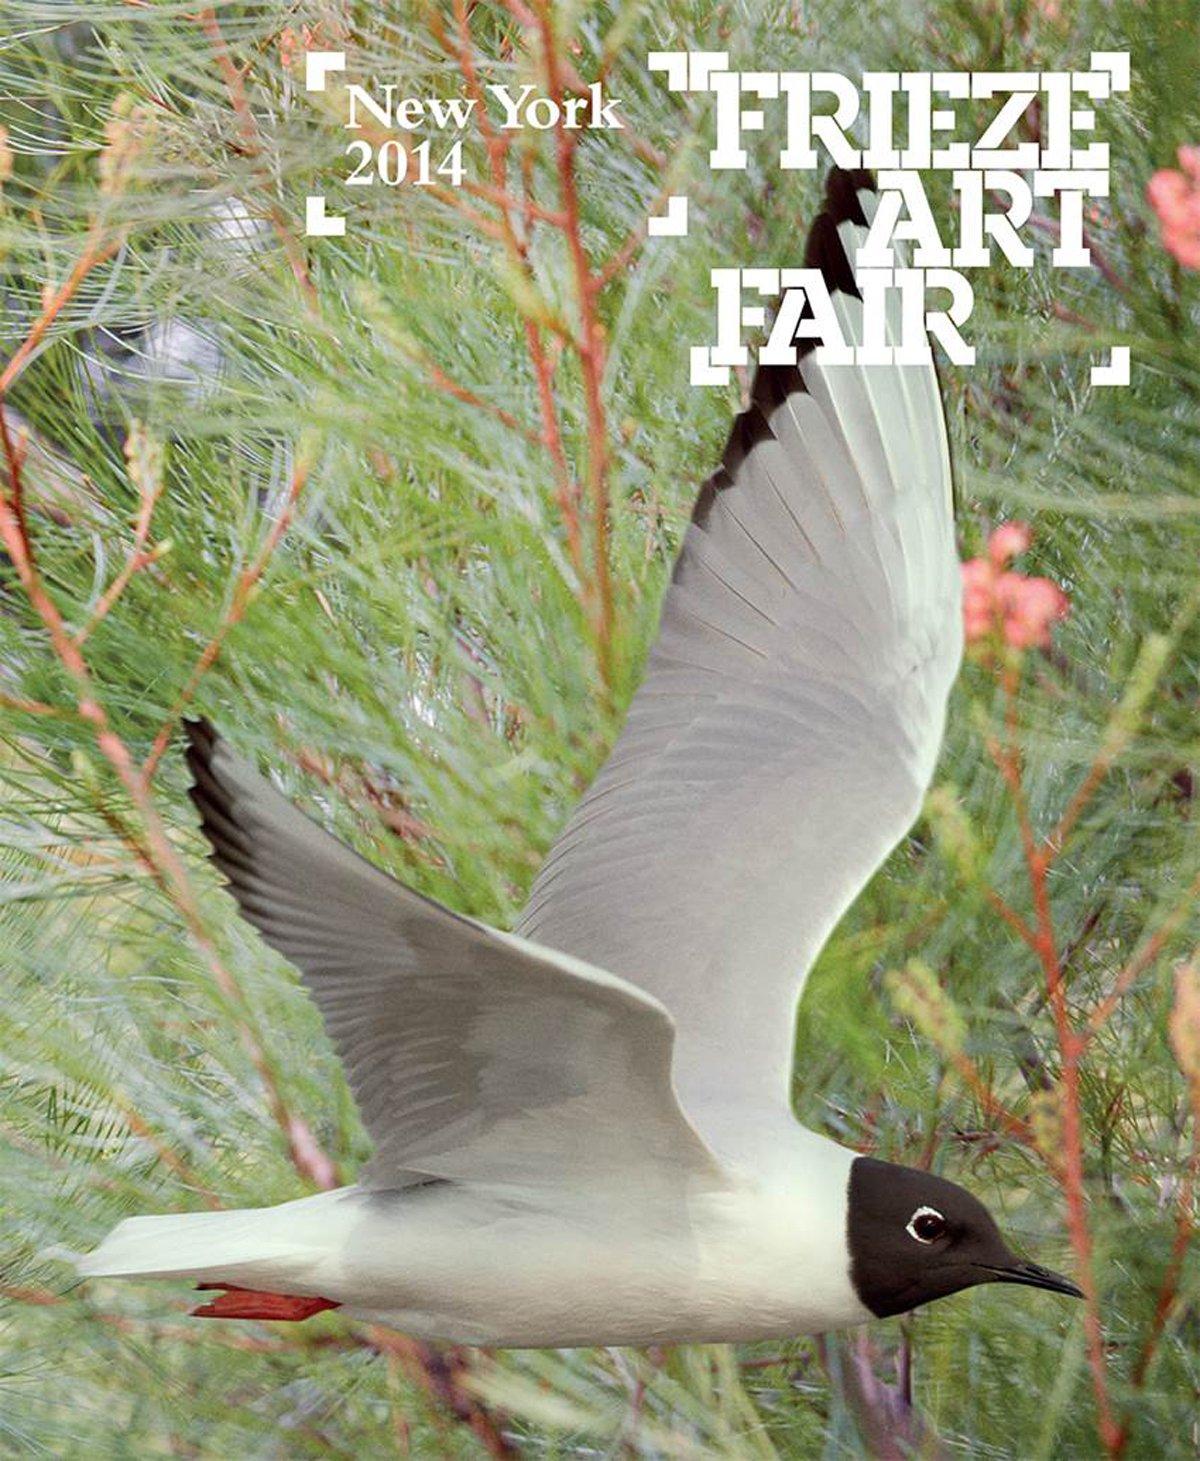 Download Frieze New York 2014 Catalogue (Frieze Art Fair New York) ebook